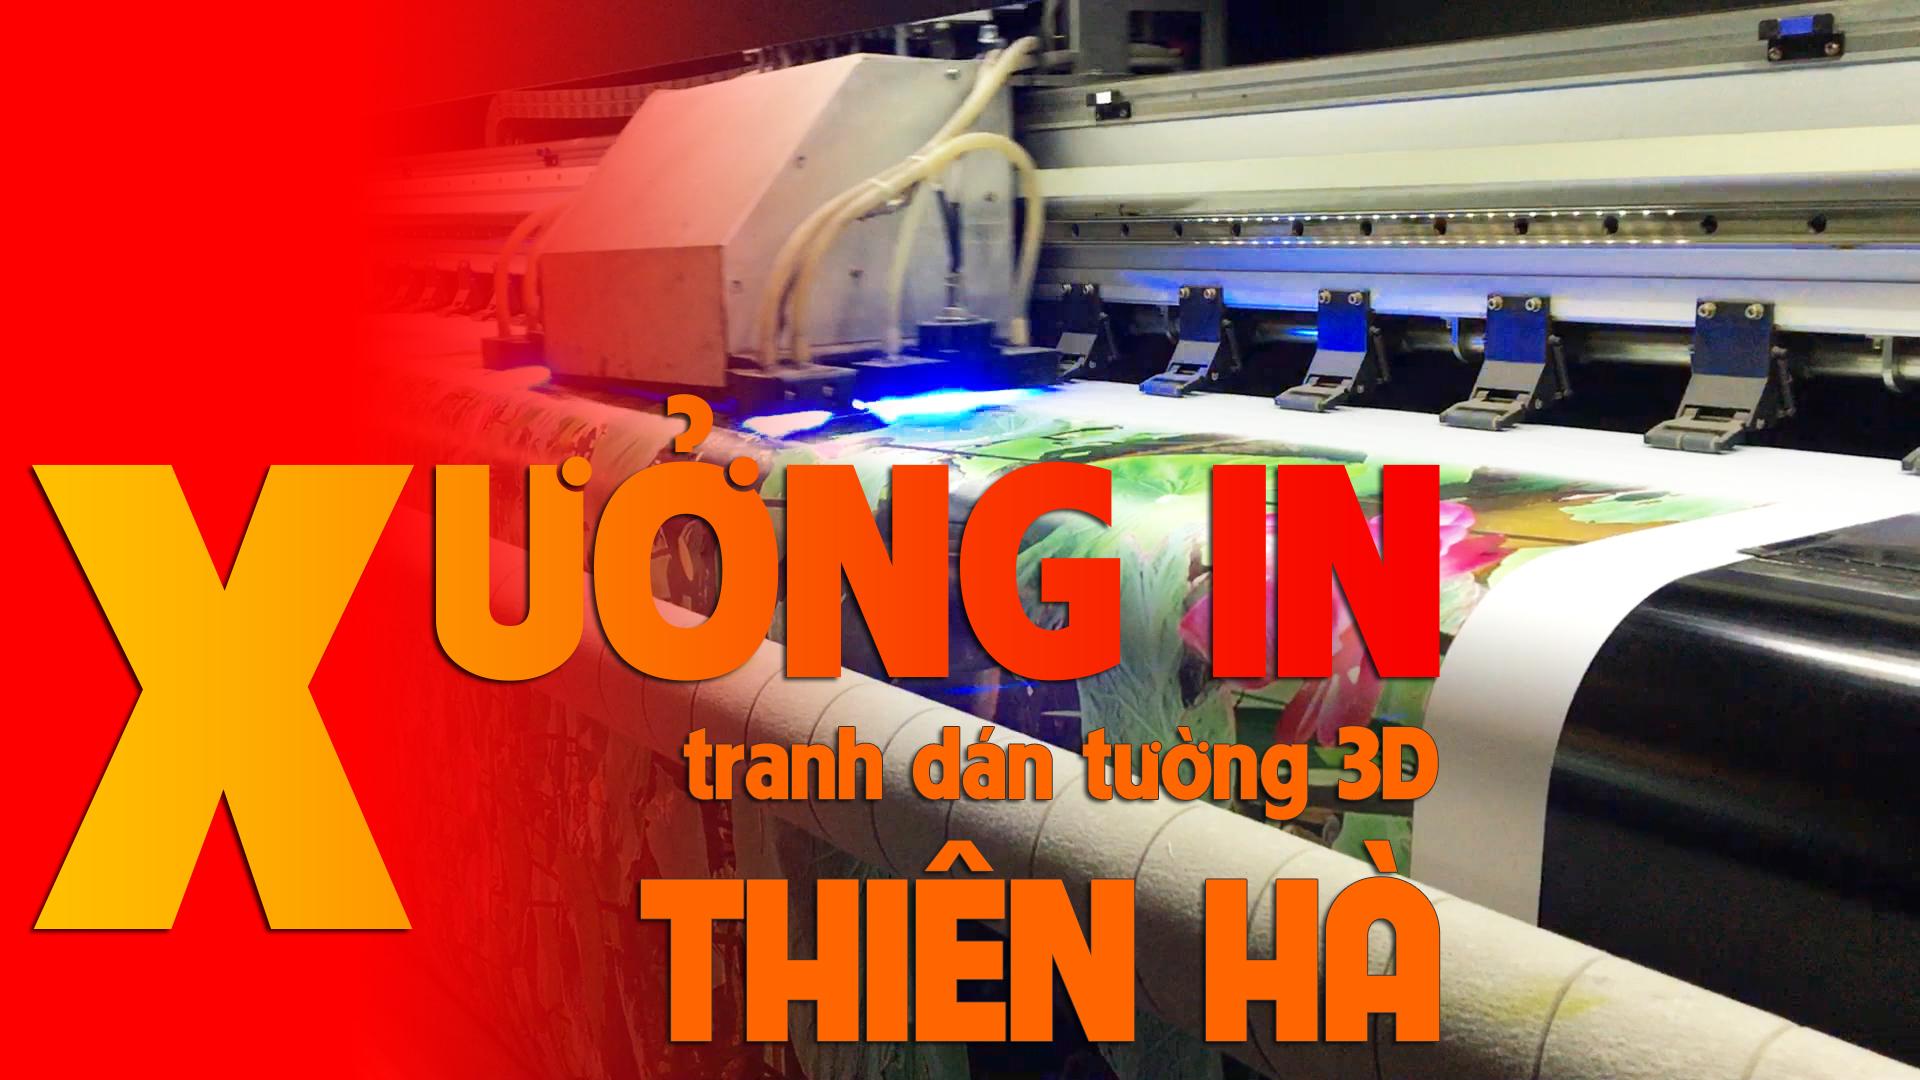 Xưởng in tranh dán tường 3D khổ lớn Hà Nội và TPHCM